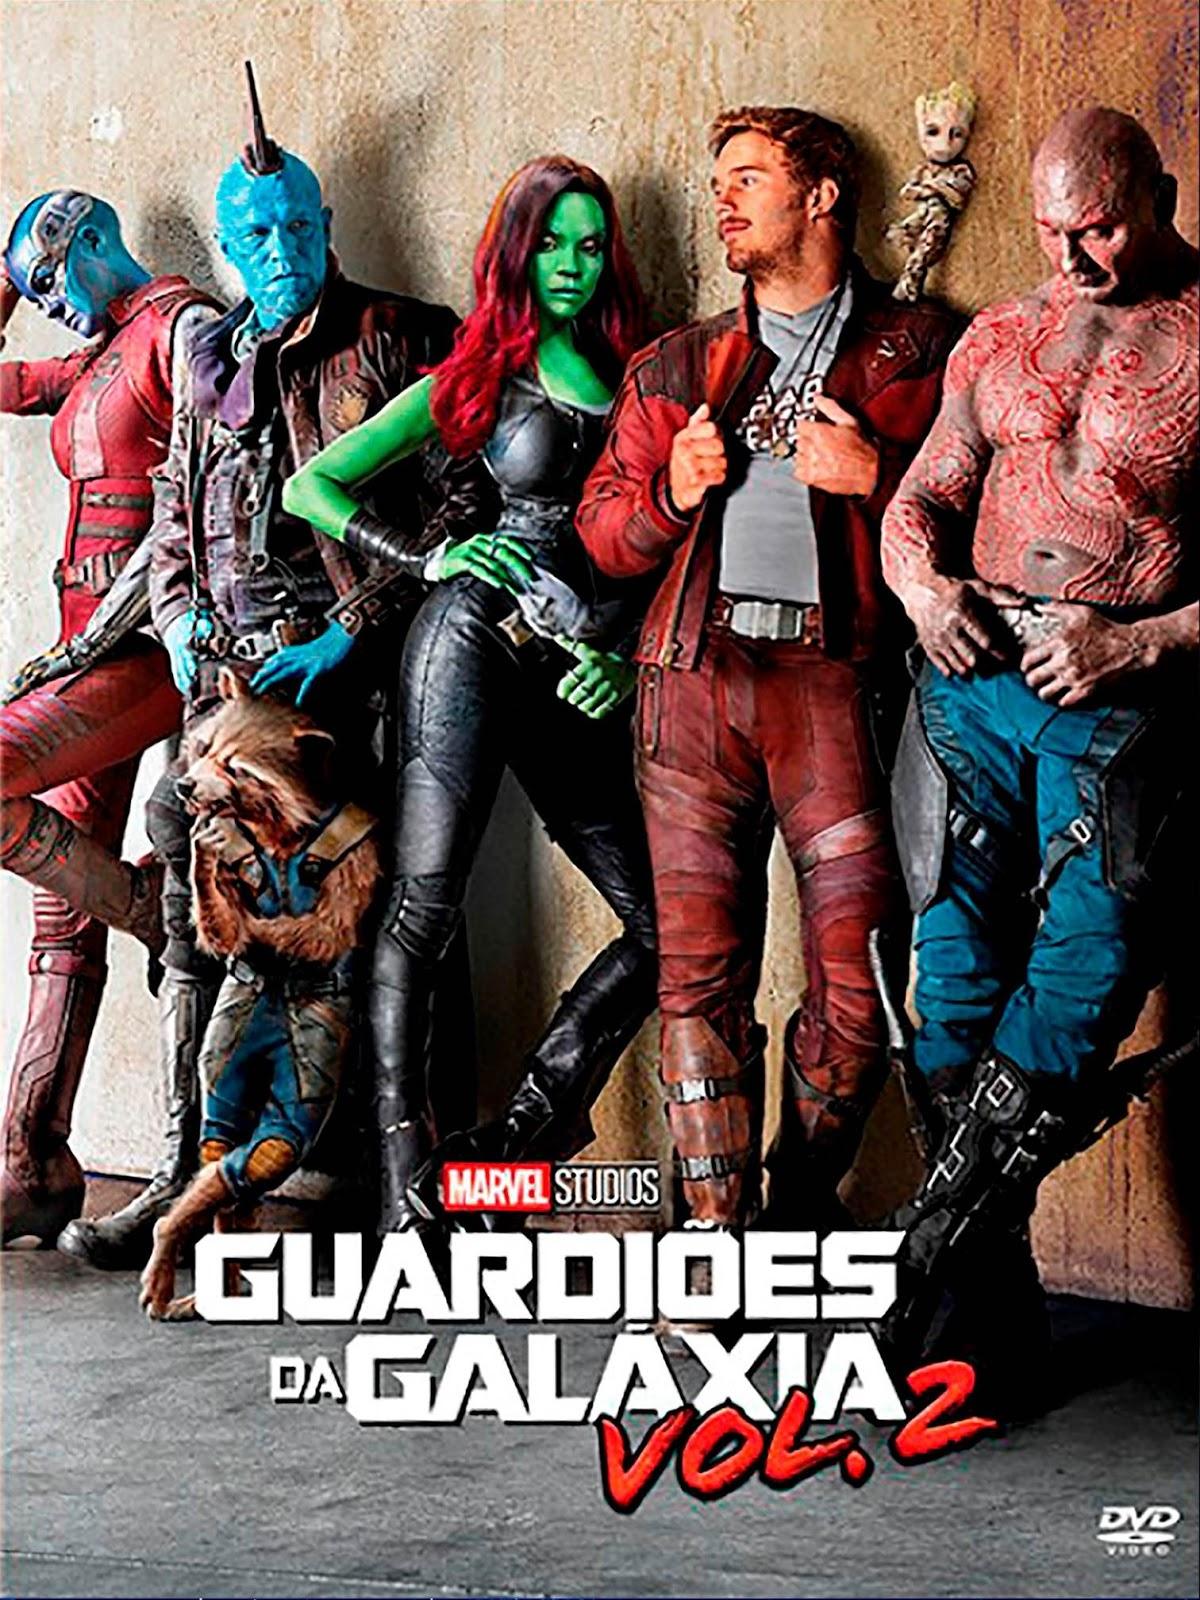 Guardiões da Galáxia Vol 2